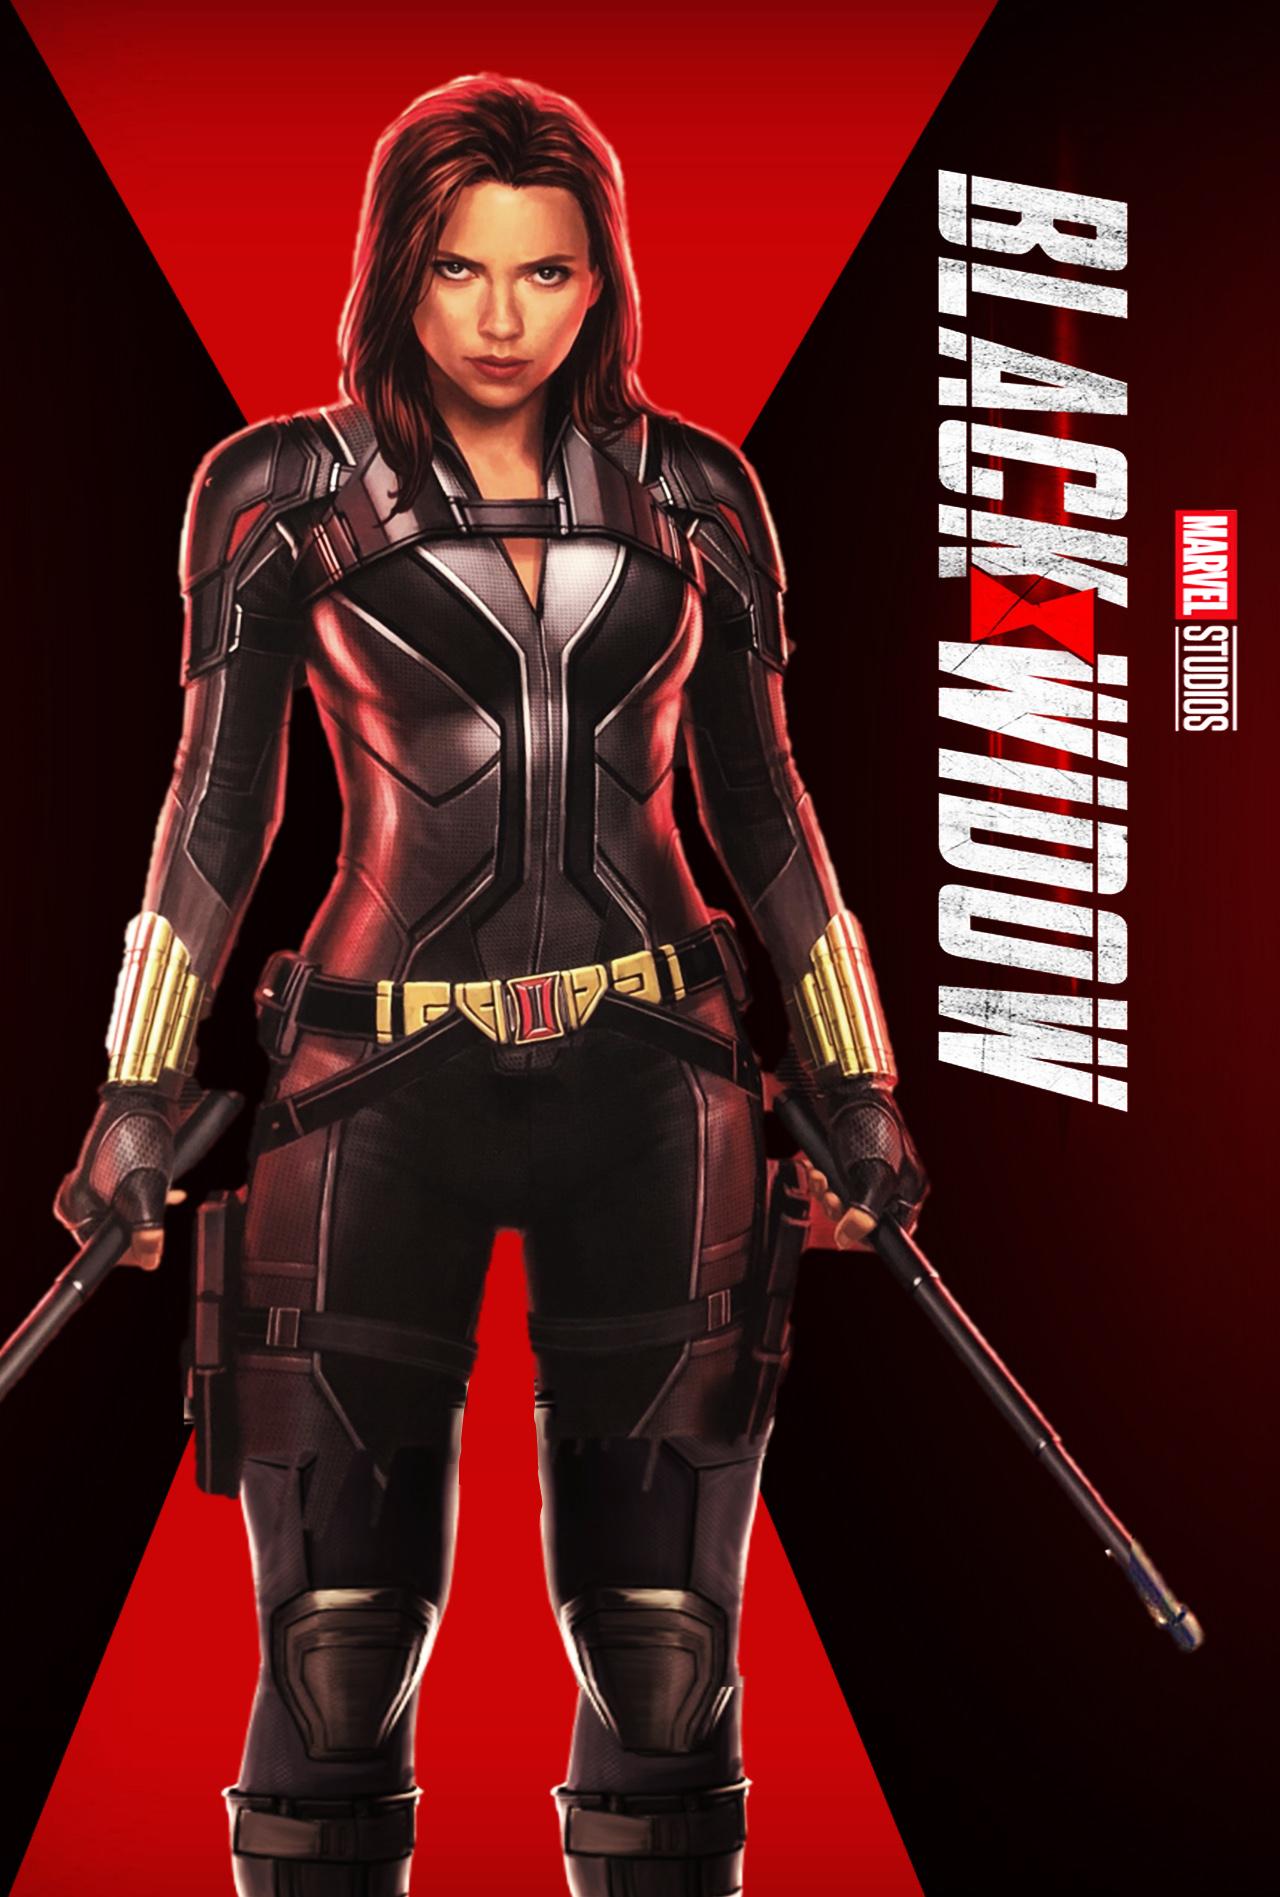 Black Widow 2020 Poster By The Dark Mamba 995 On Deviantart